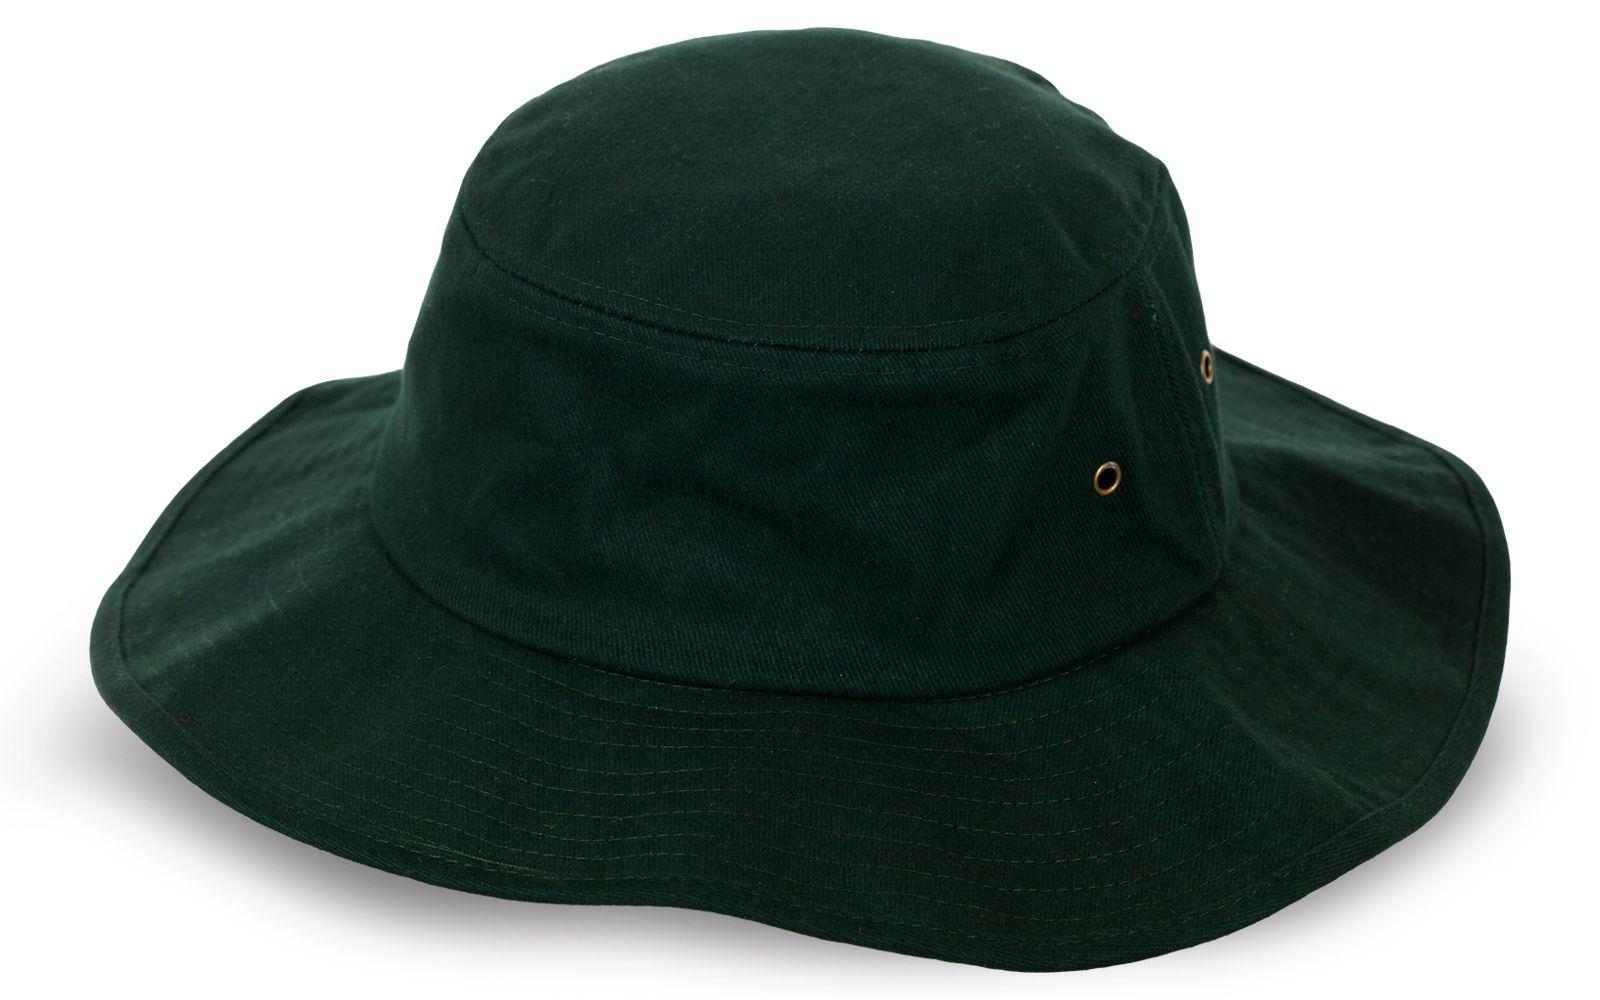 Брендовая шляпа для лесных пикников